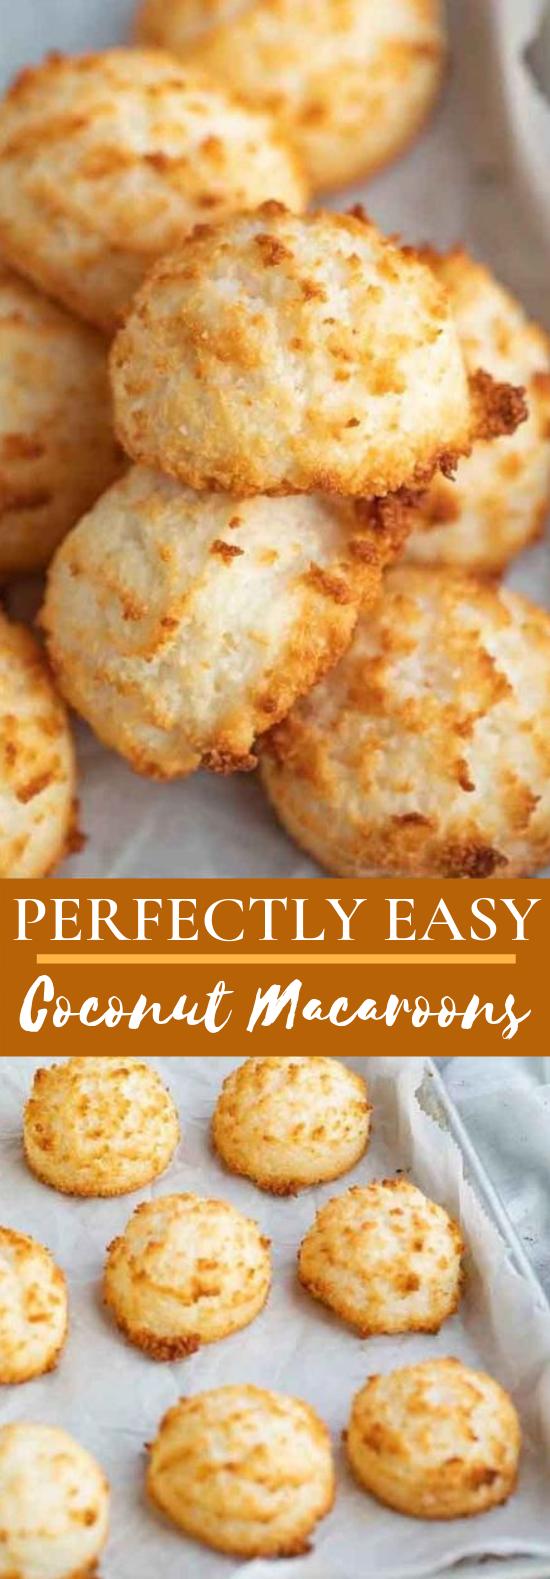 Coconut Macaroons #desserts #cookies